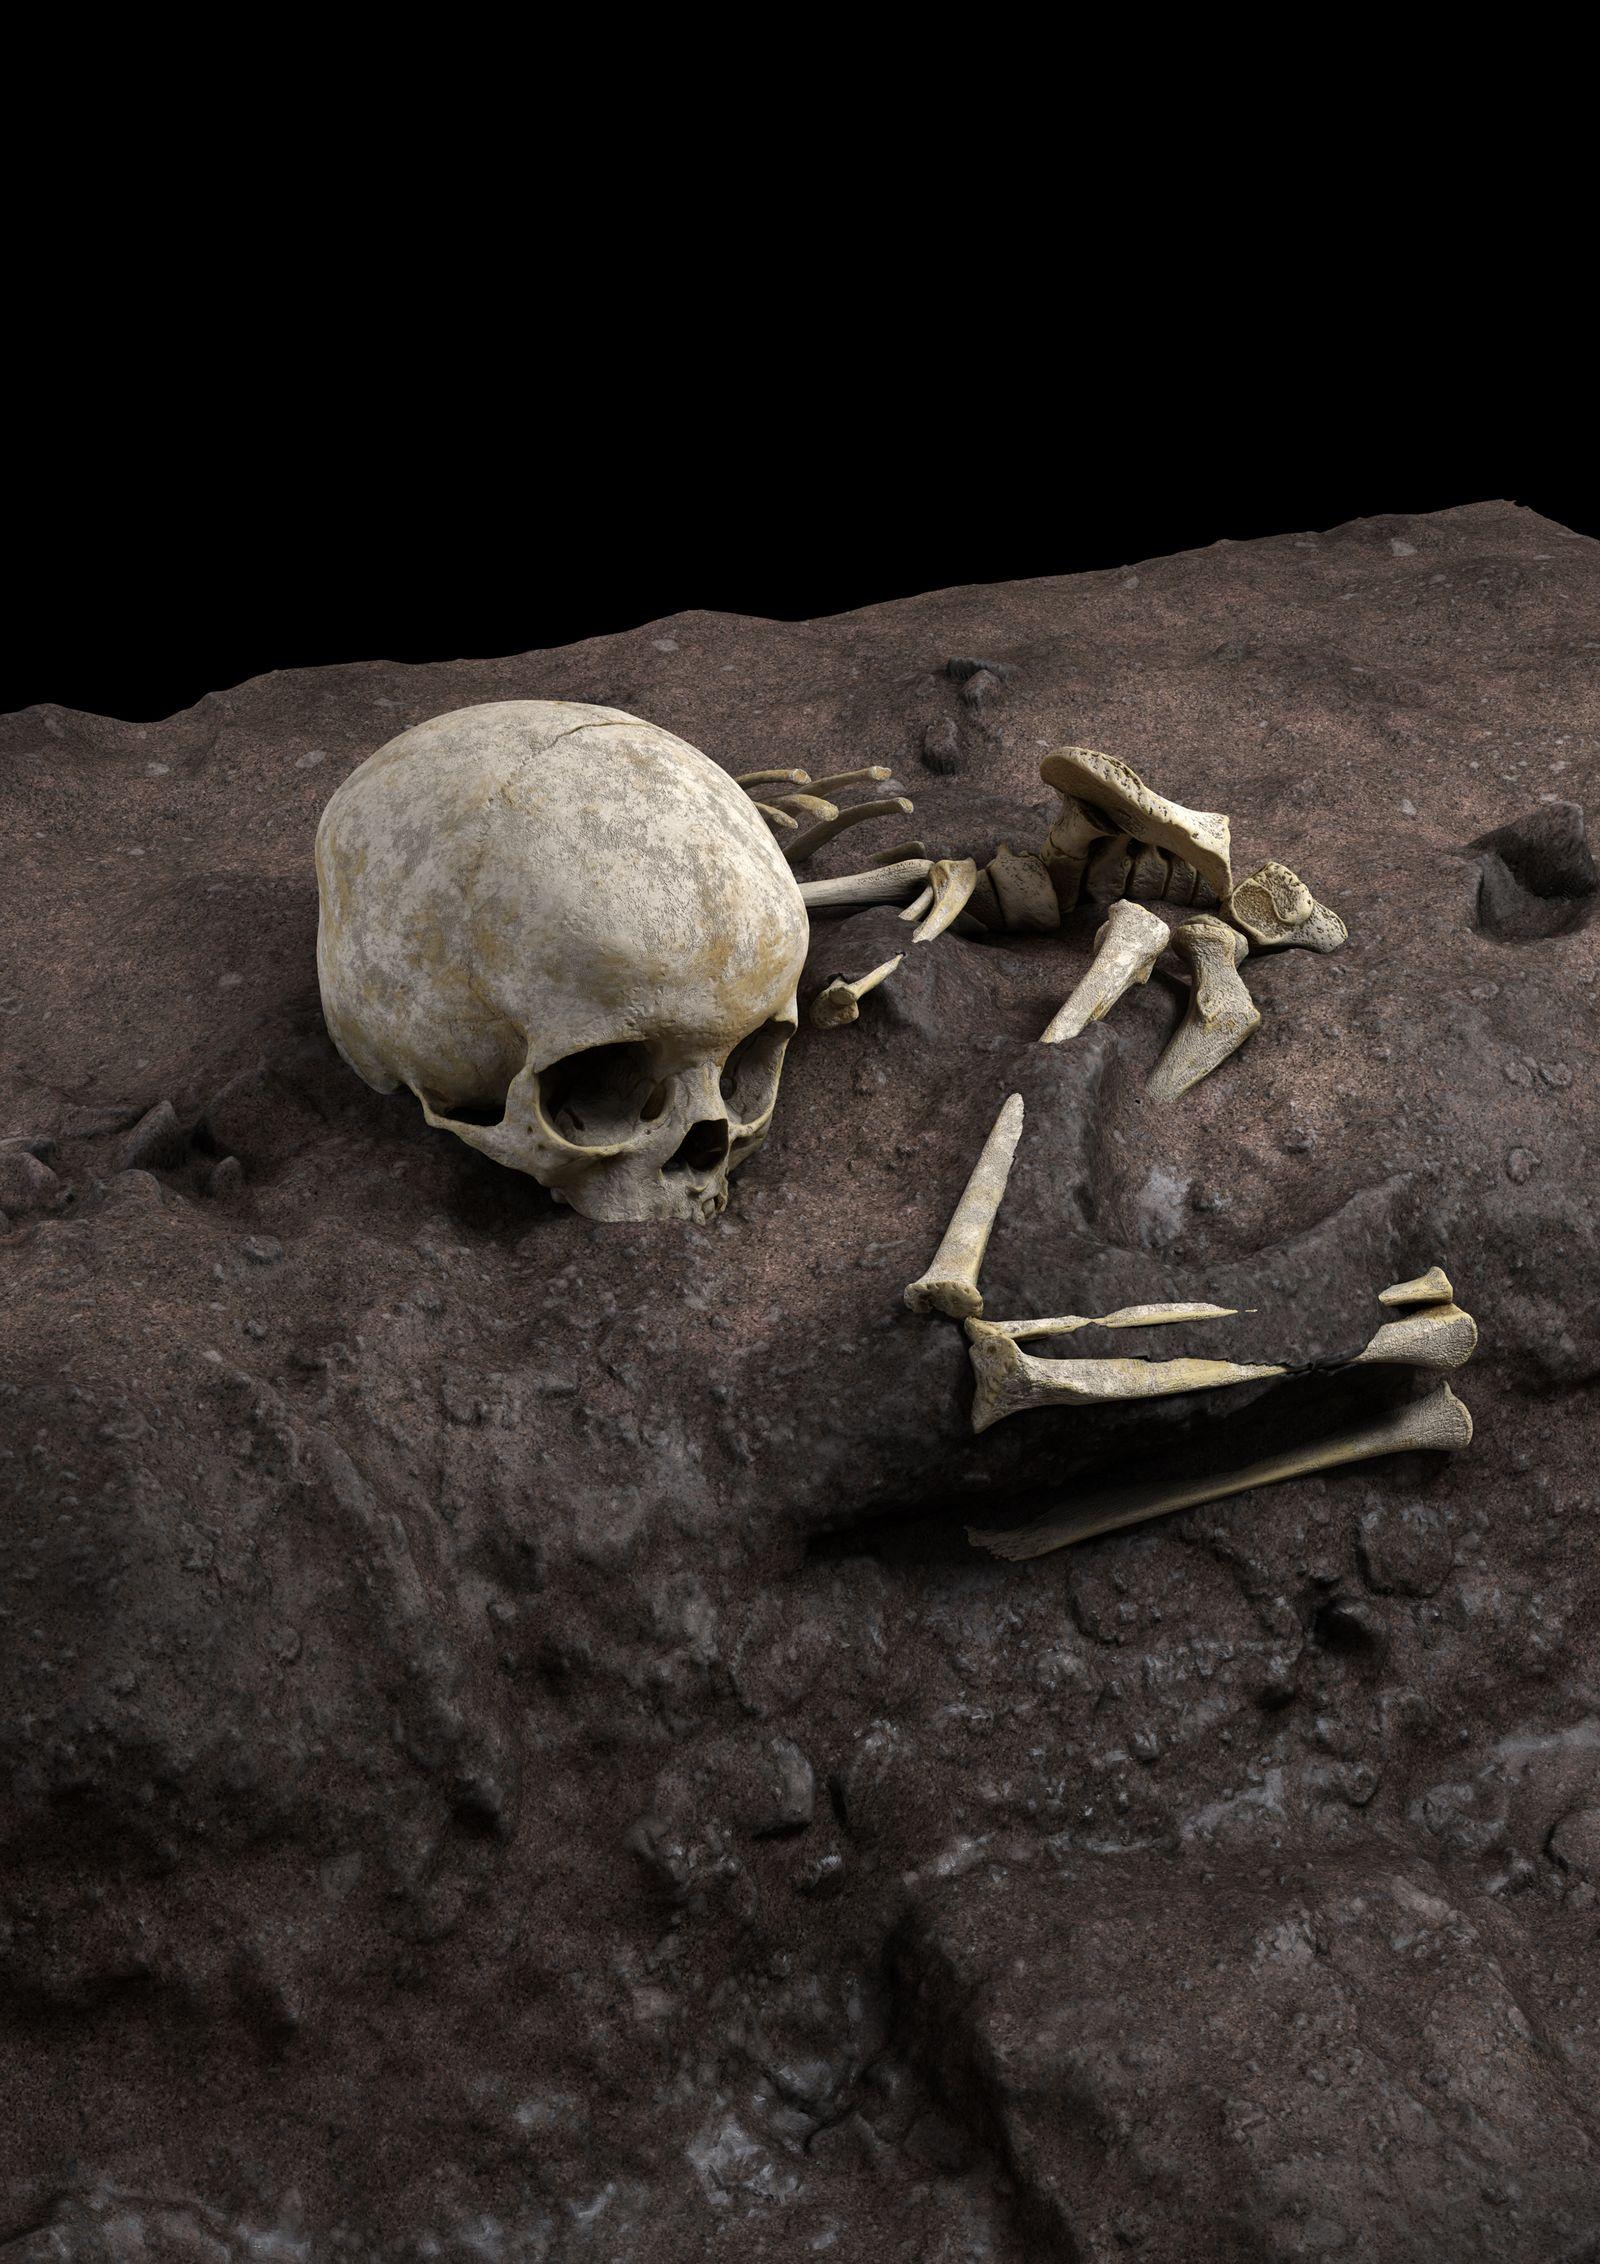 Virtuelle Rekonstruktion der Lage der Knochen